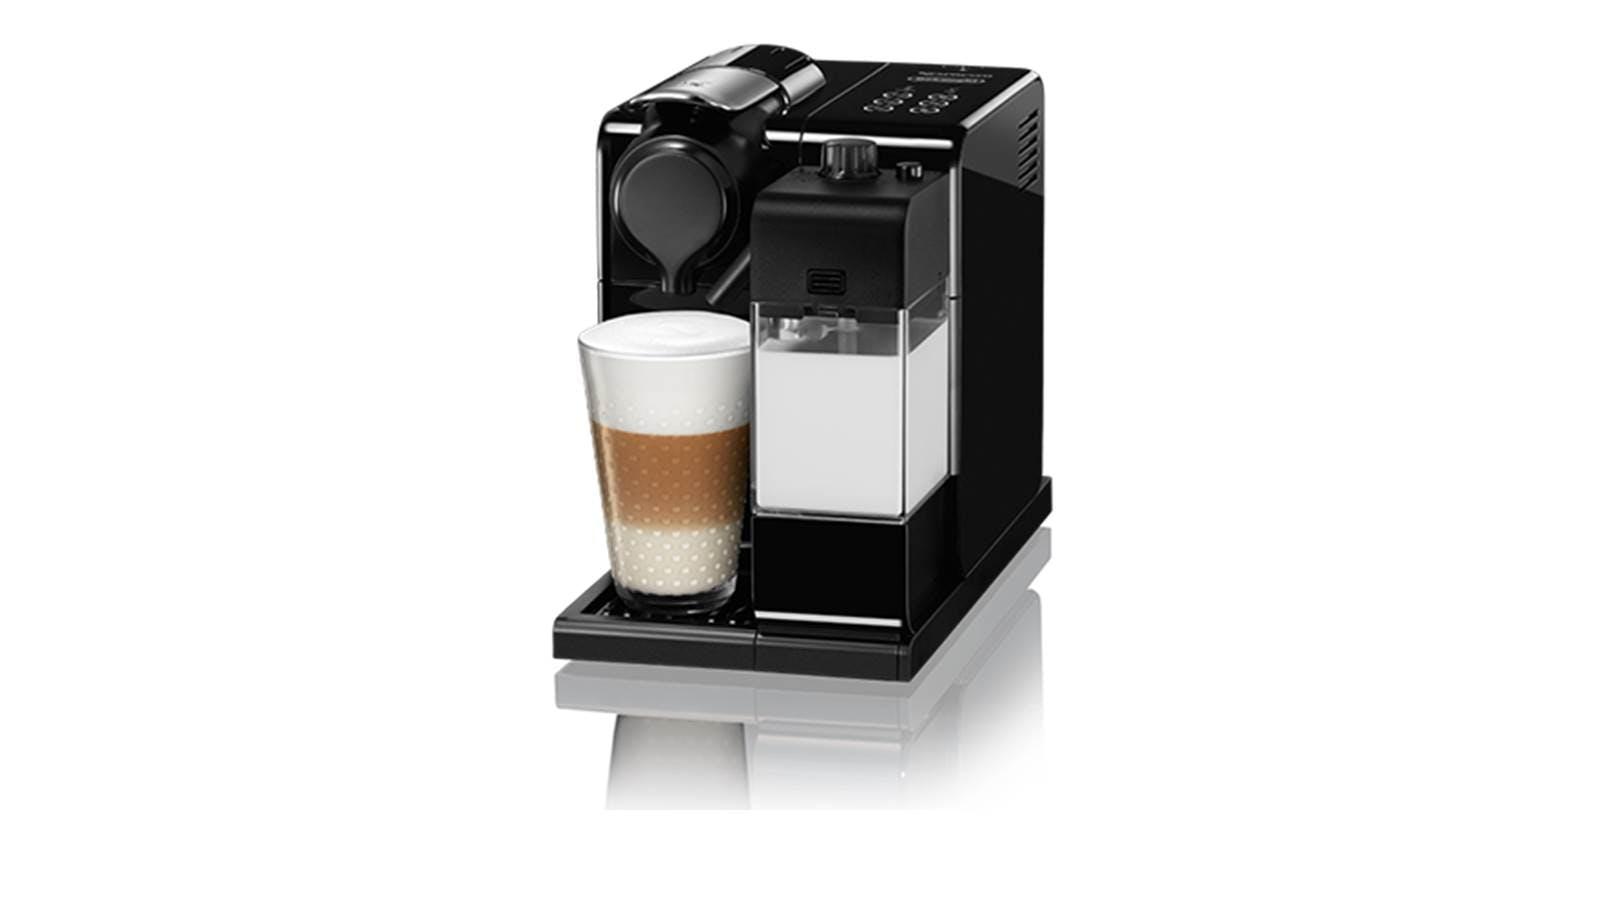 להפליא Nespresso Lattissima One Touch Coffee Machine | Harvey Norman Malaysia EV-16